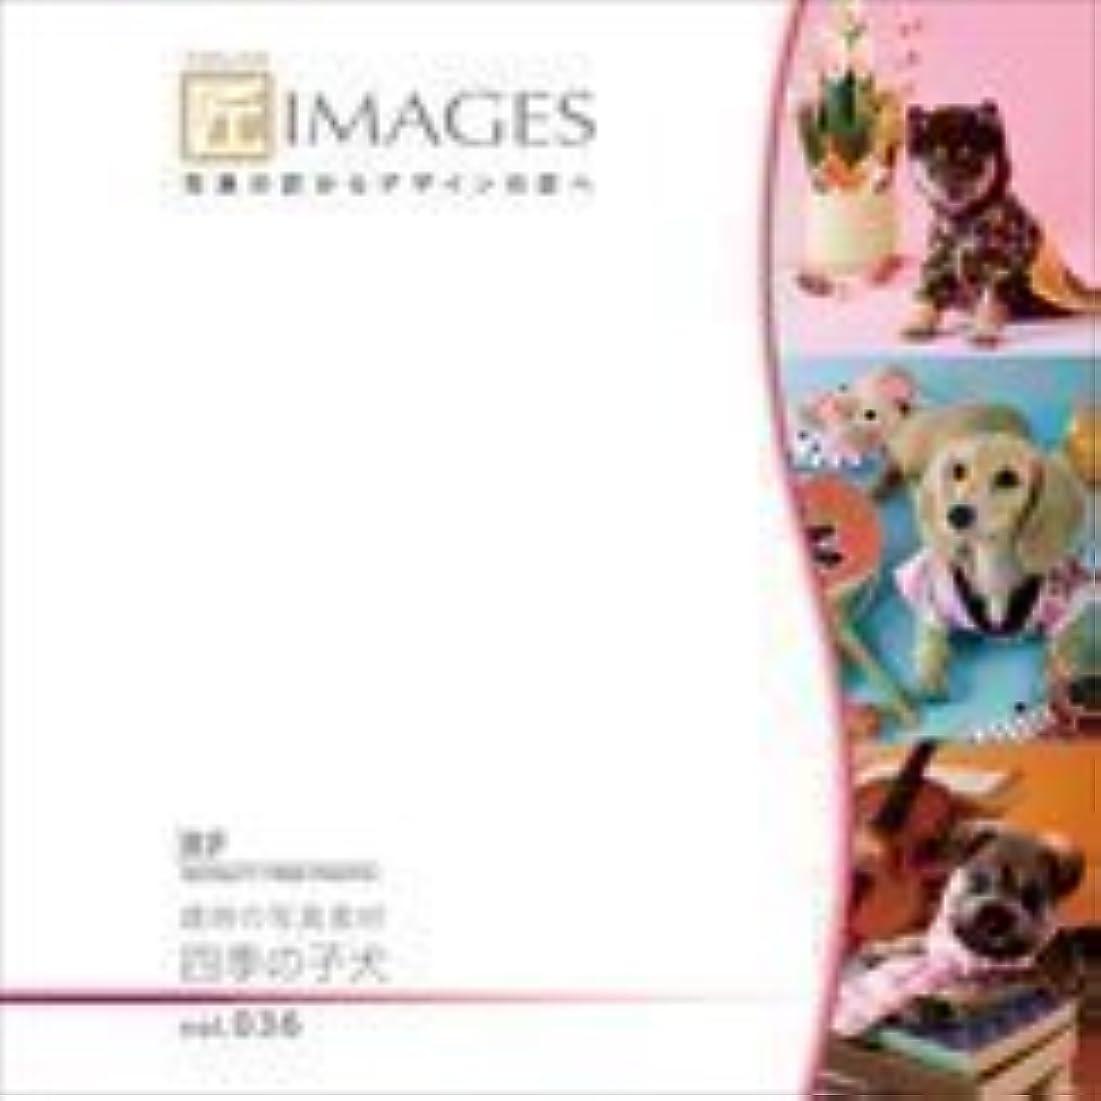 お風呂試す性格匠IMAGES Vol.036 歳時の写真素材 四季の子犬